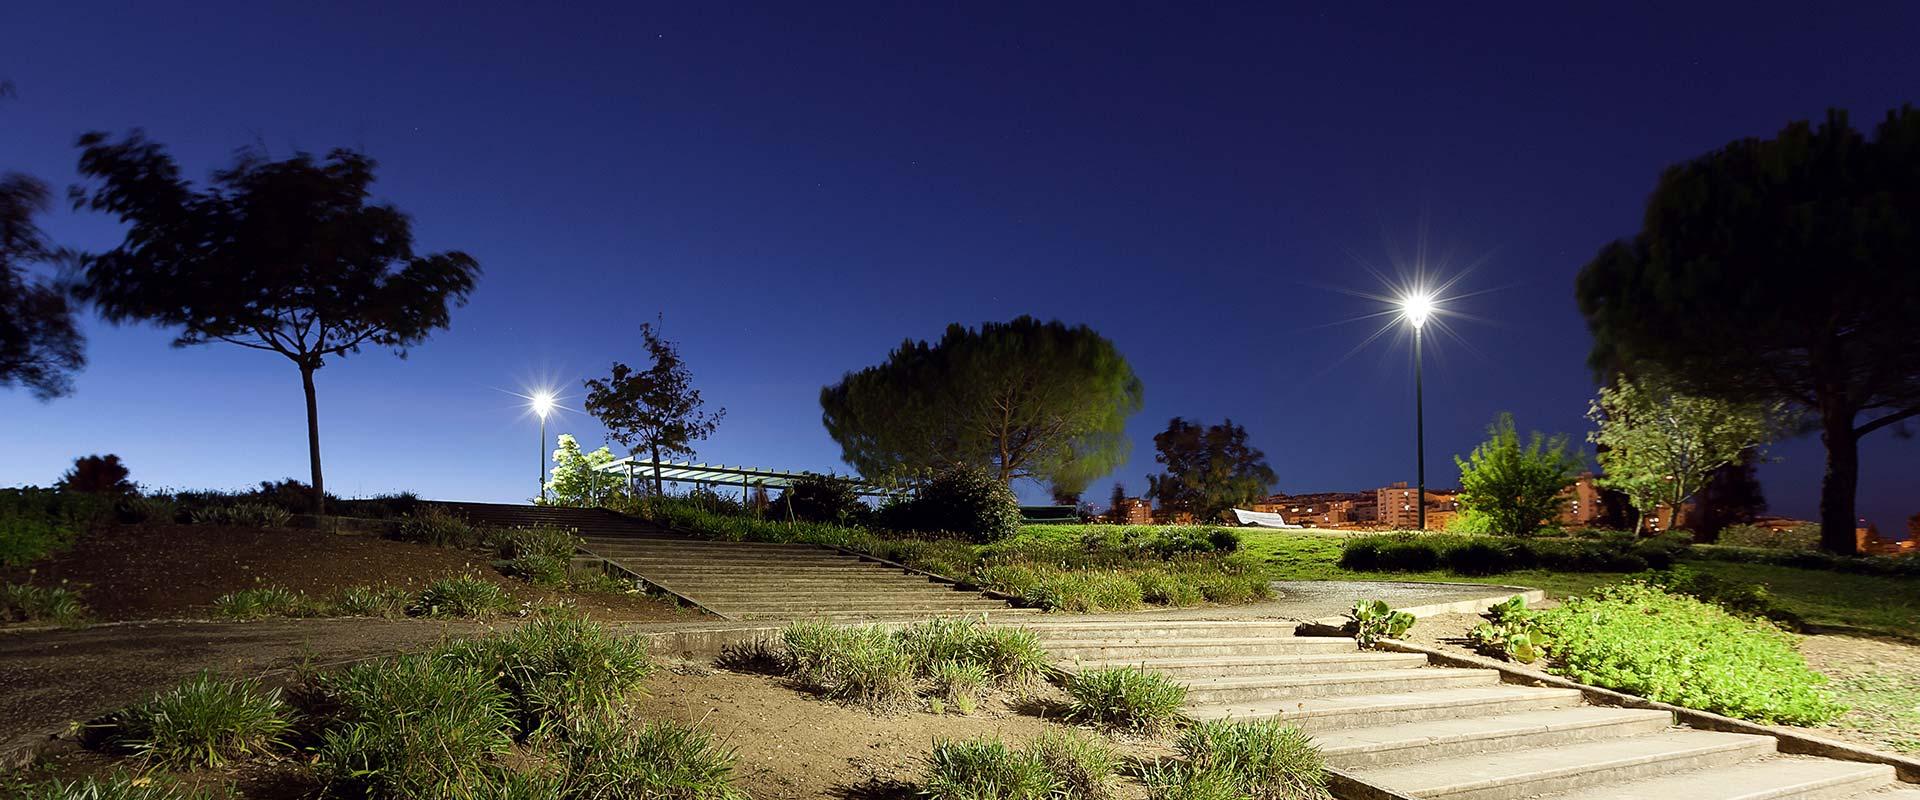 iluminacao-LED-parque-felicio